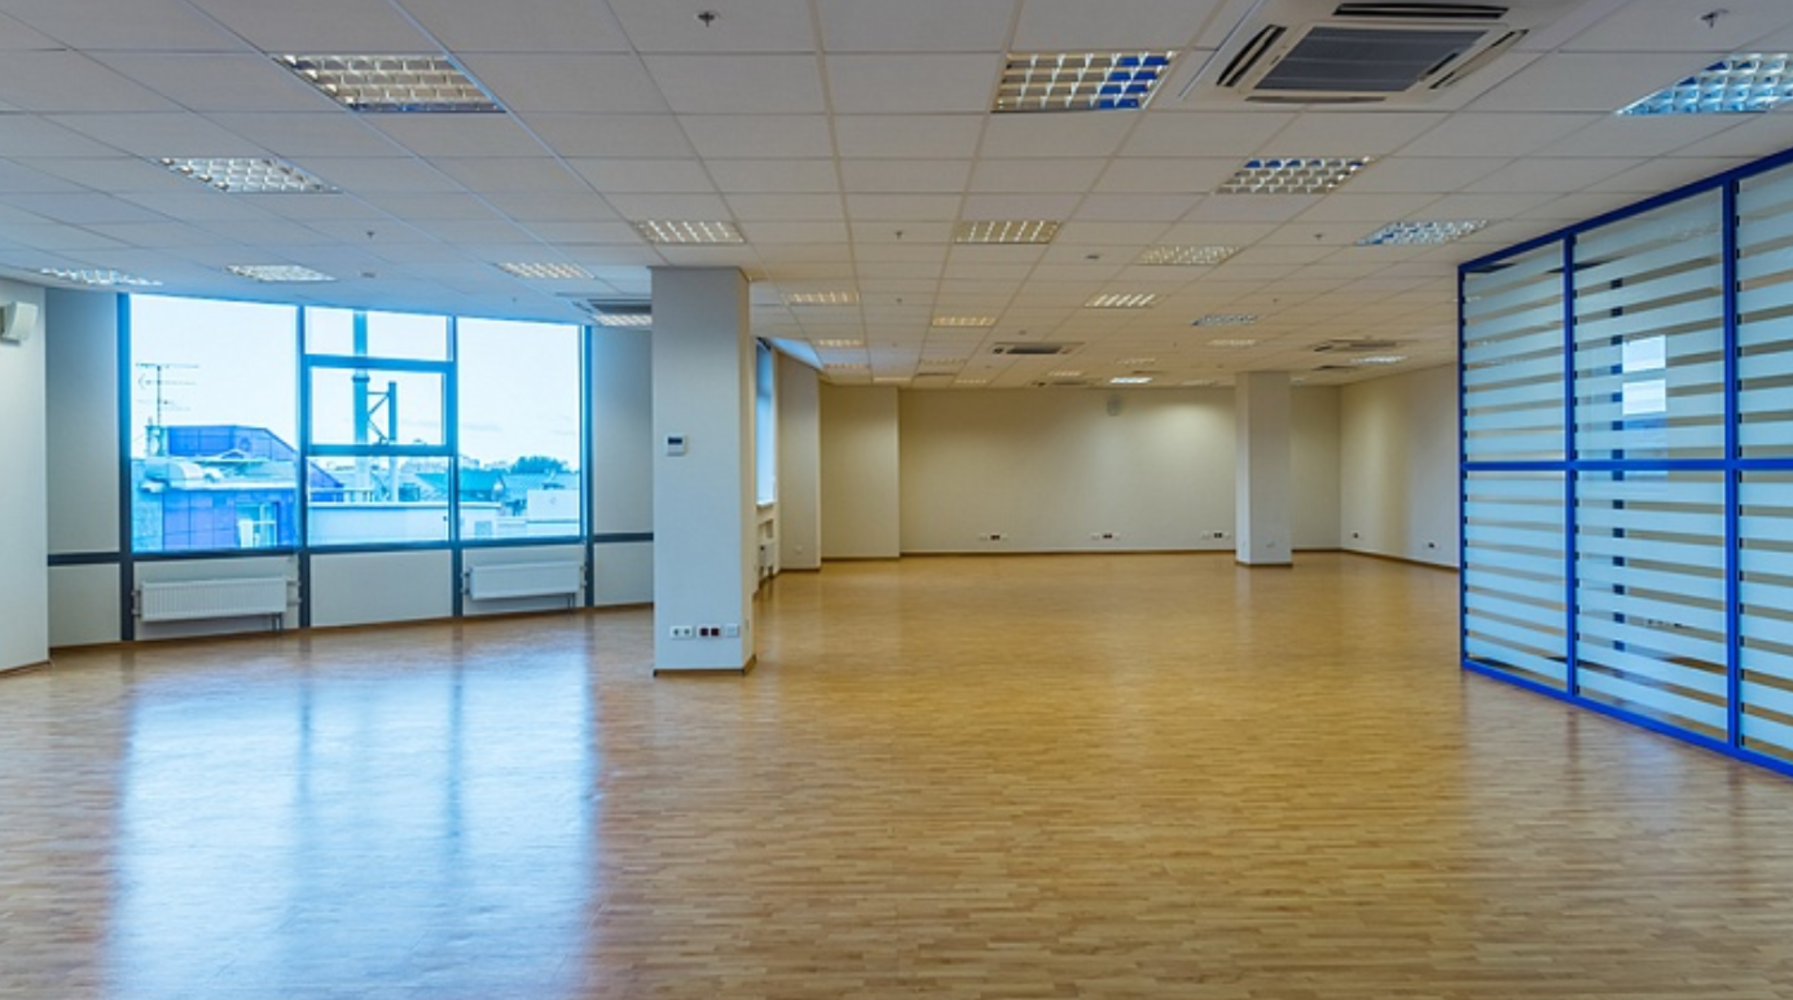 Офисная недвижимость Санкт-петербург,  - Сенатор (17-я линия В.О., 22, Литера И) - 6